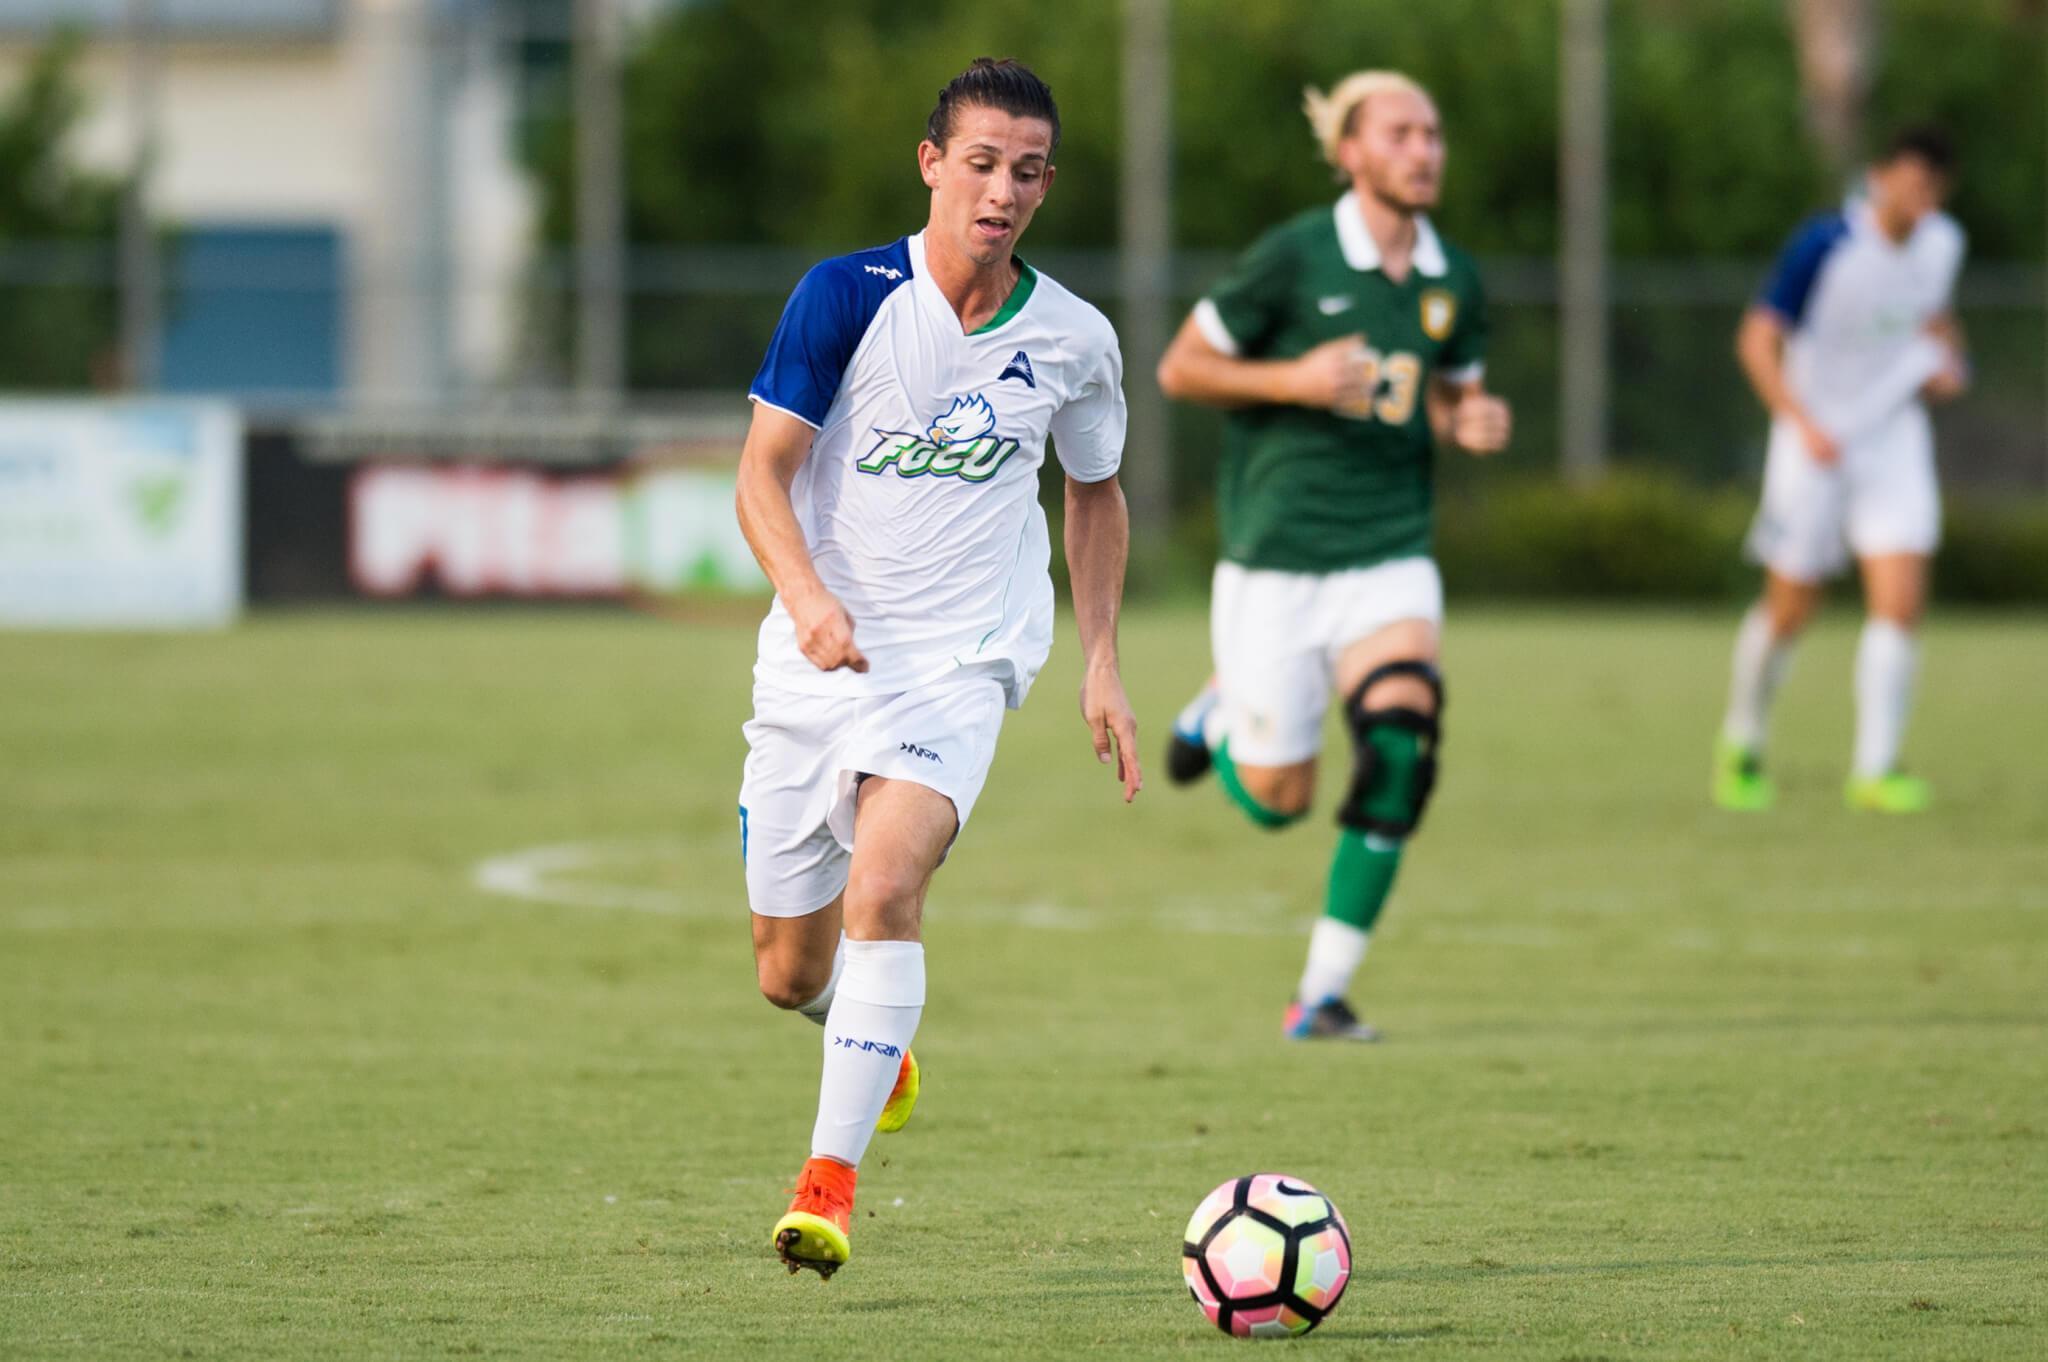 Preview: FGCU men's soccer vs. USF